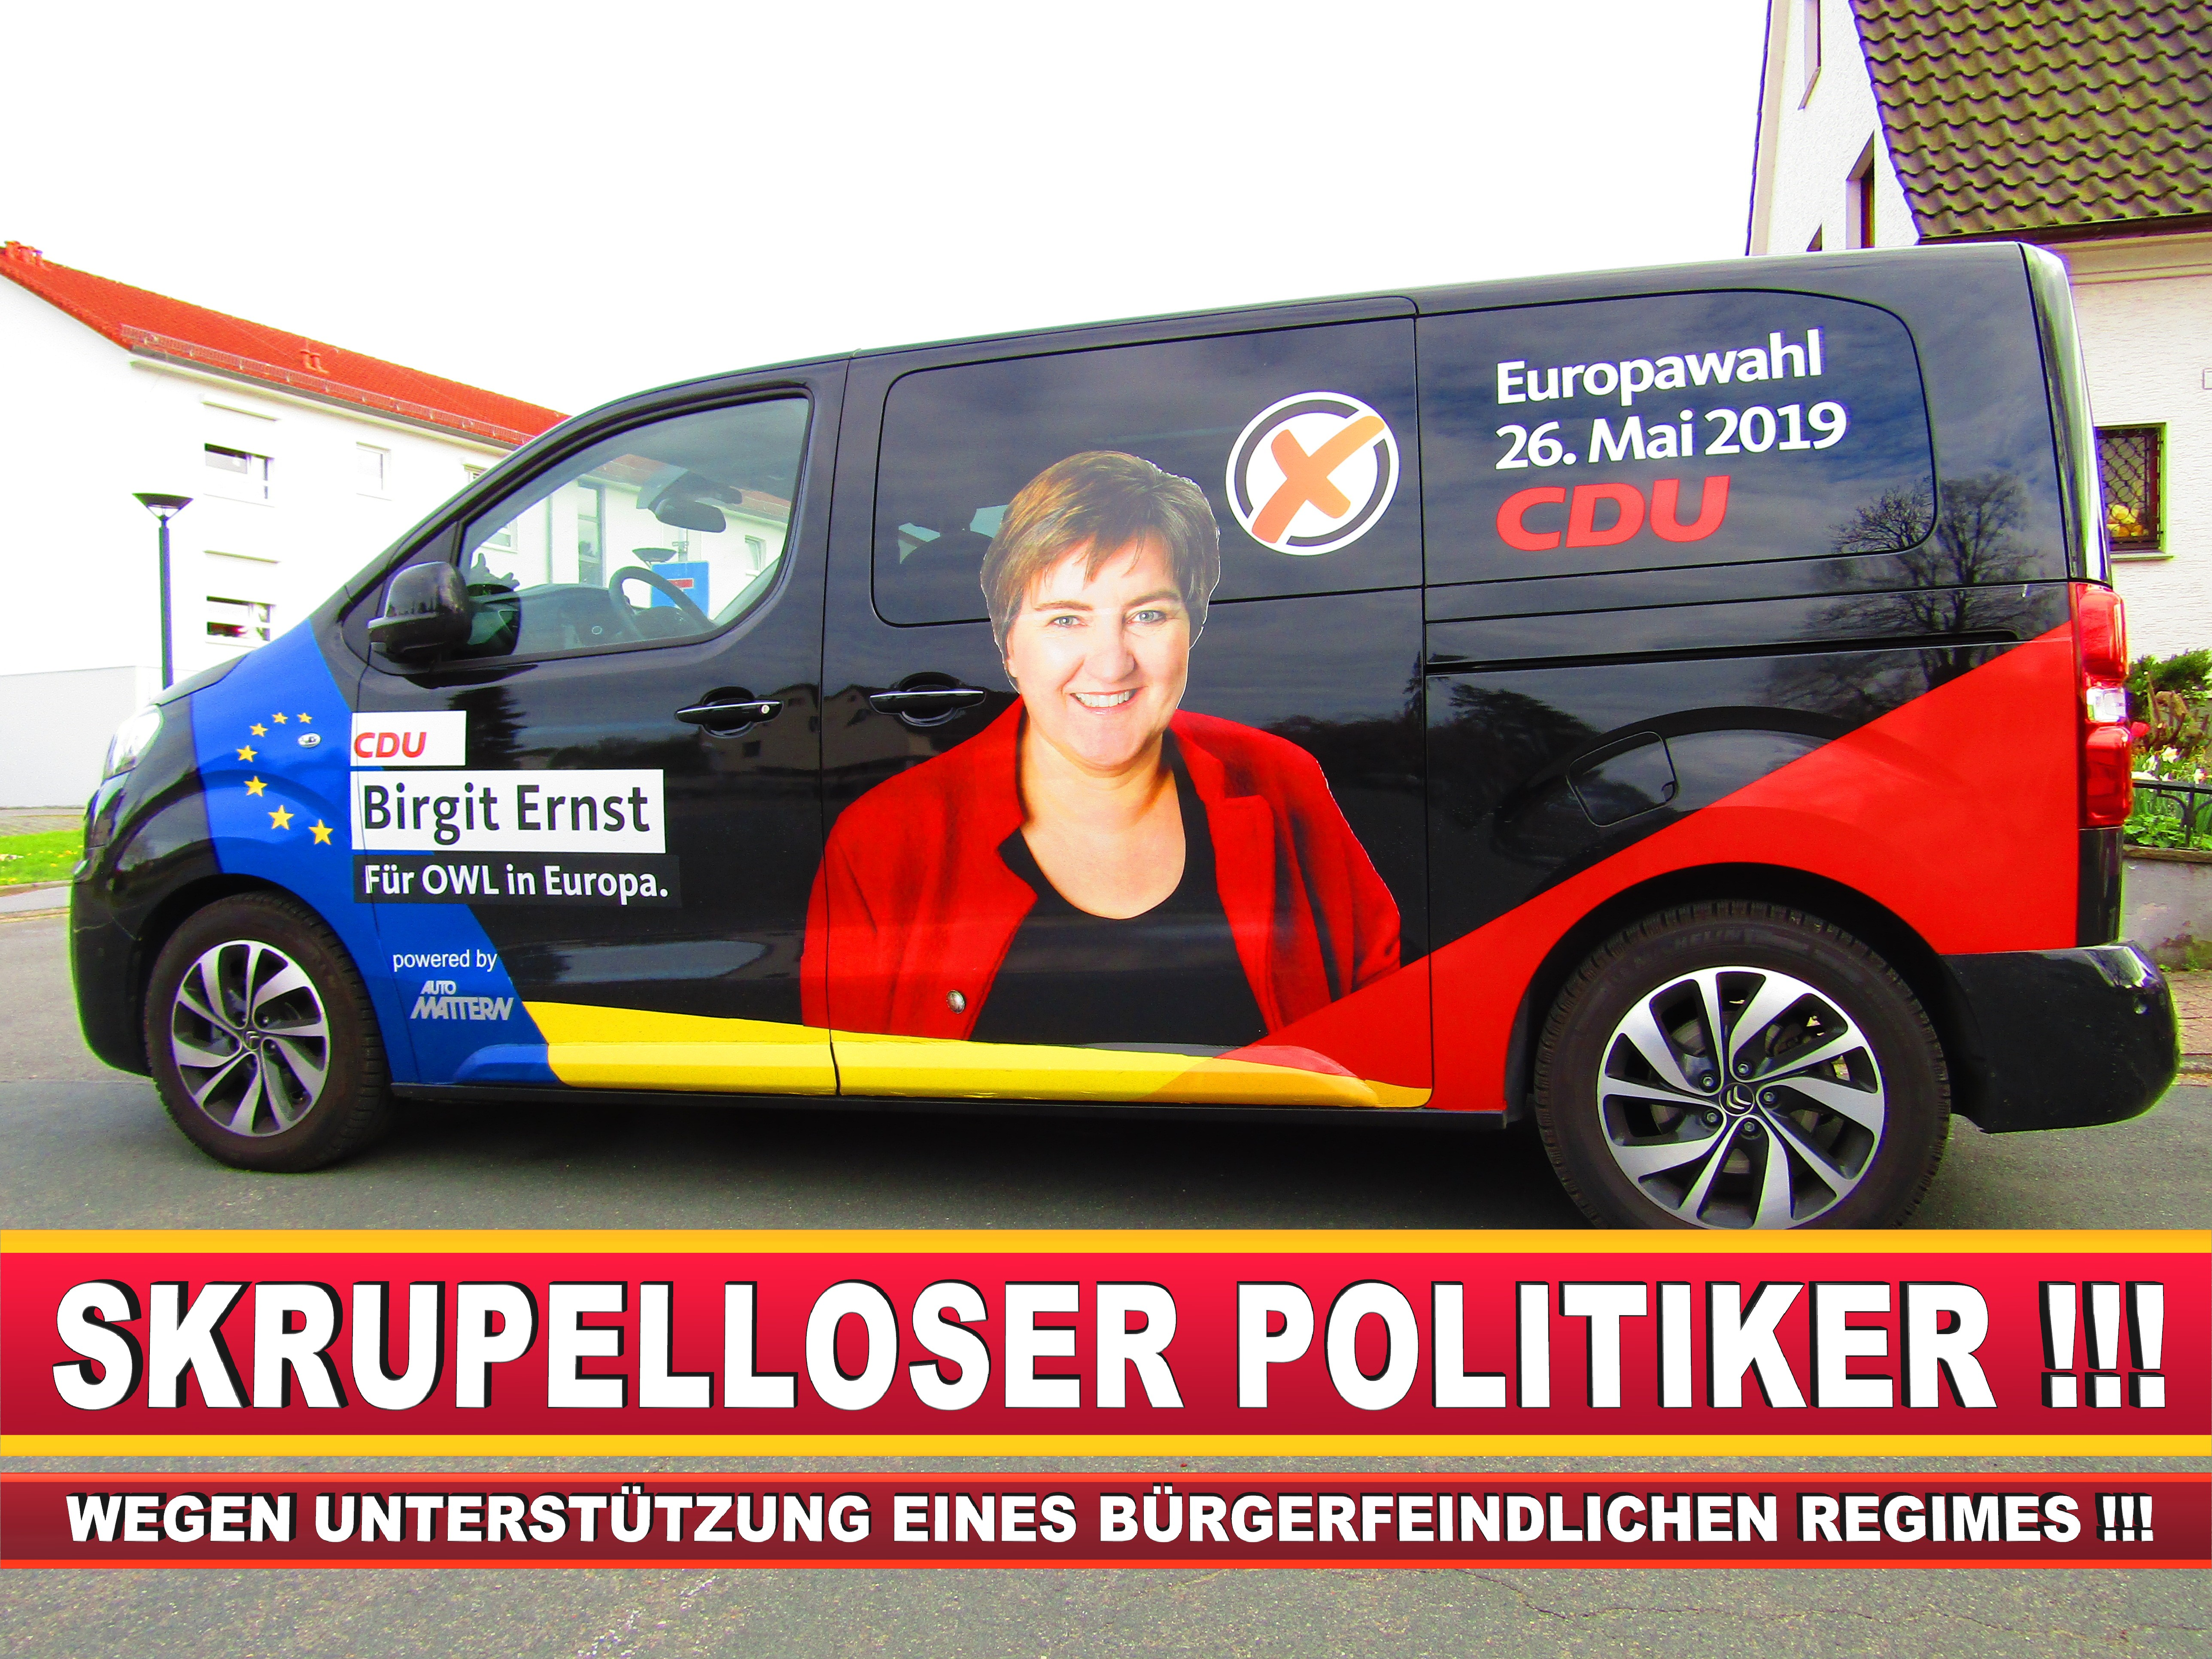 Europawahl Deutschland Birgit Ernst CDU (1)